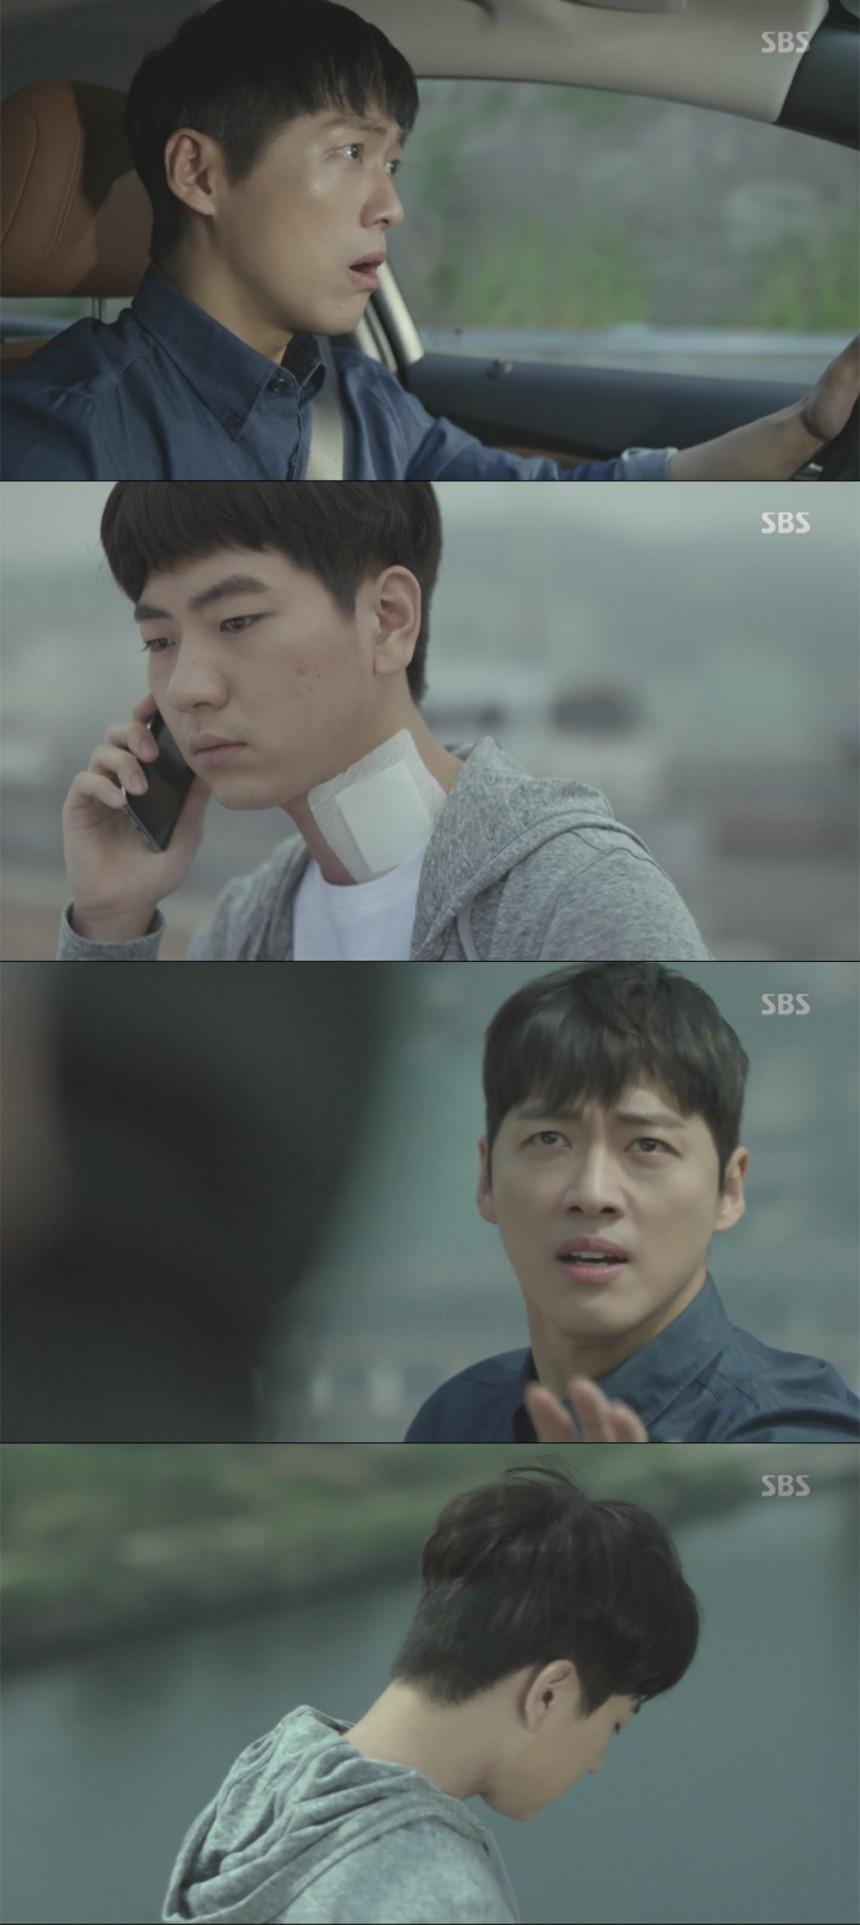 SBS '조작' / SBS '조작' 방송 캡처